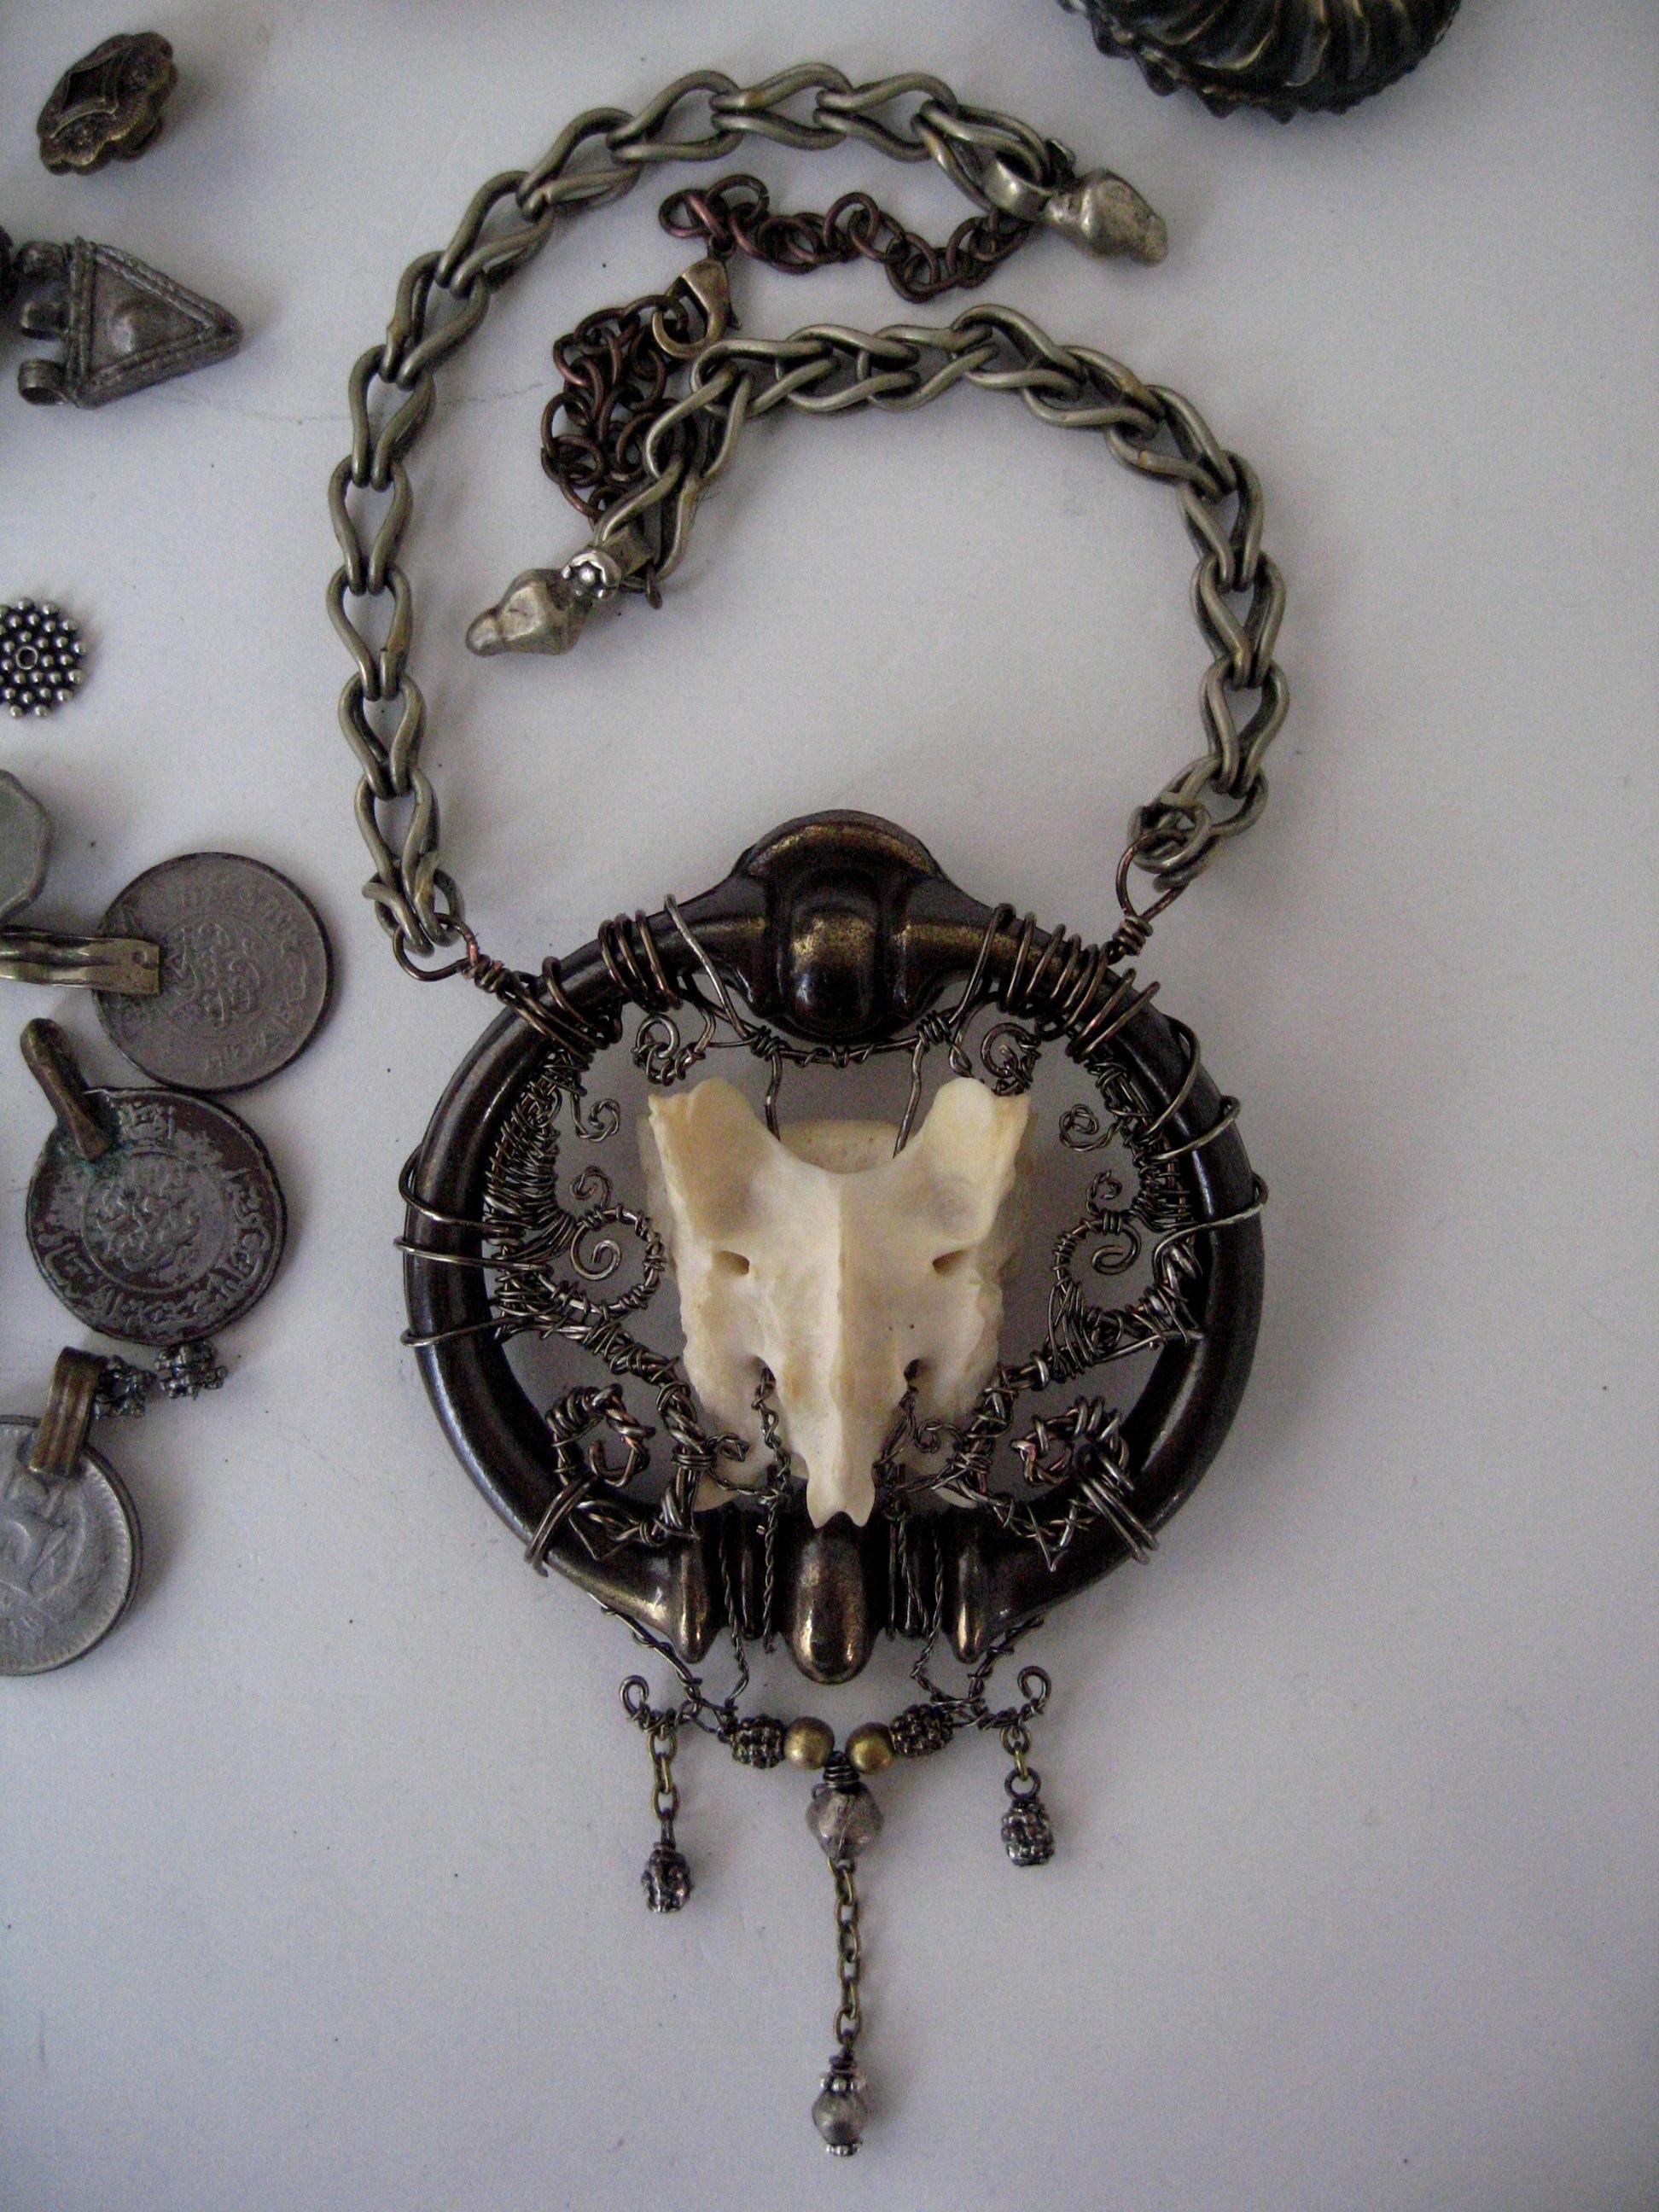 sacrum necklace closeup.JPG